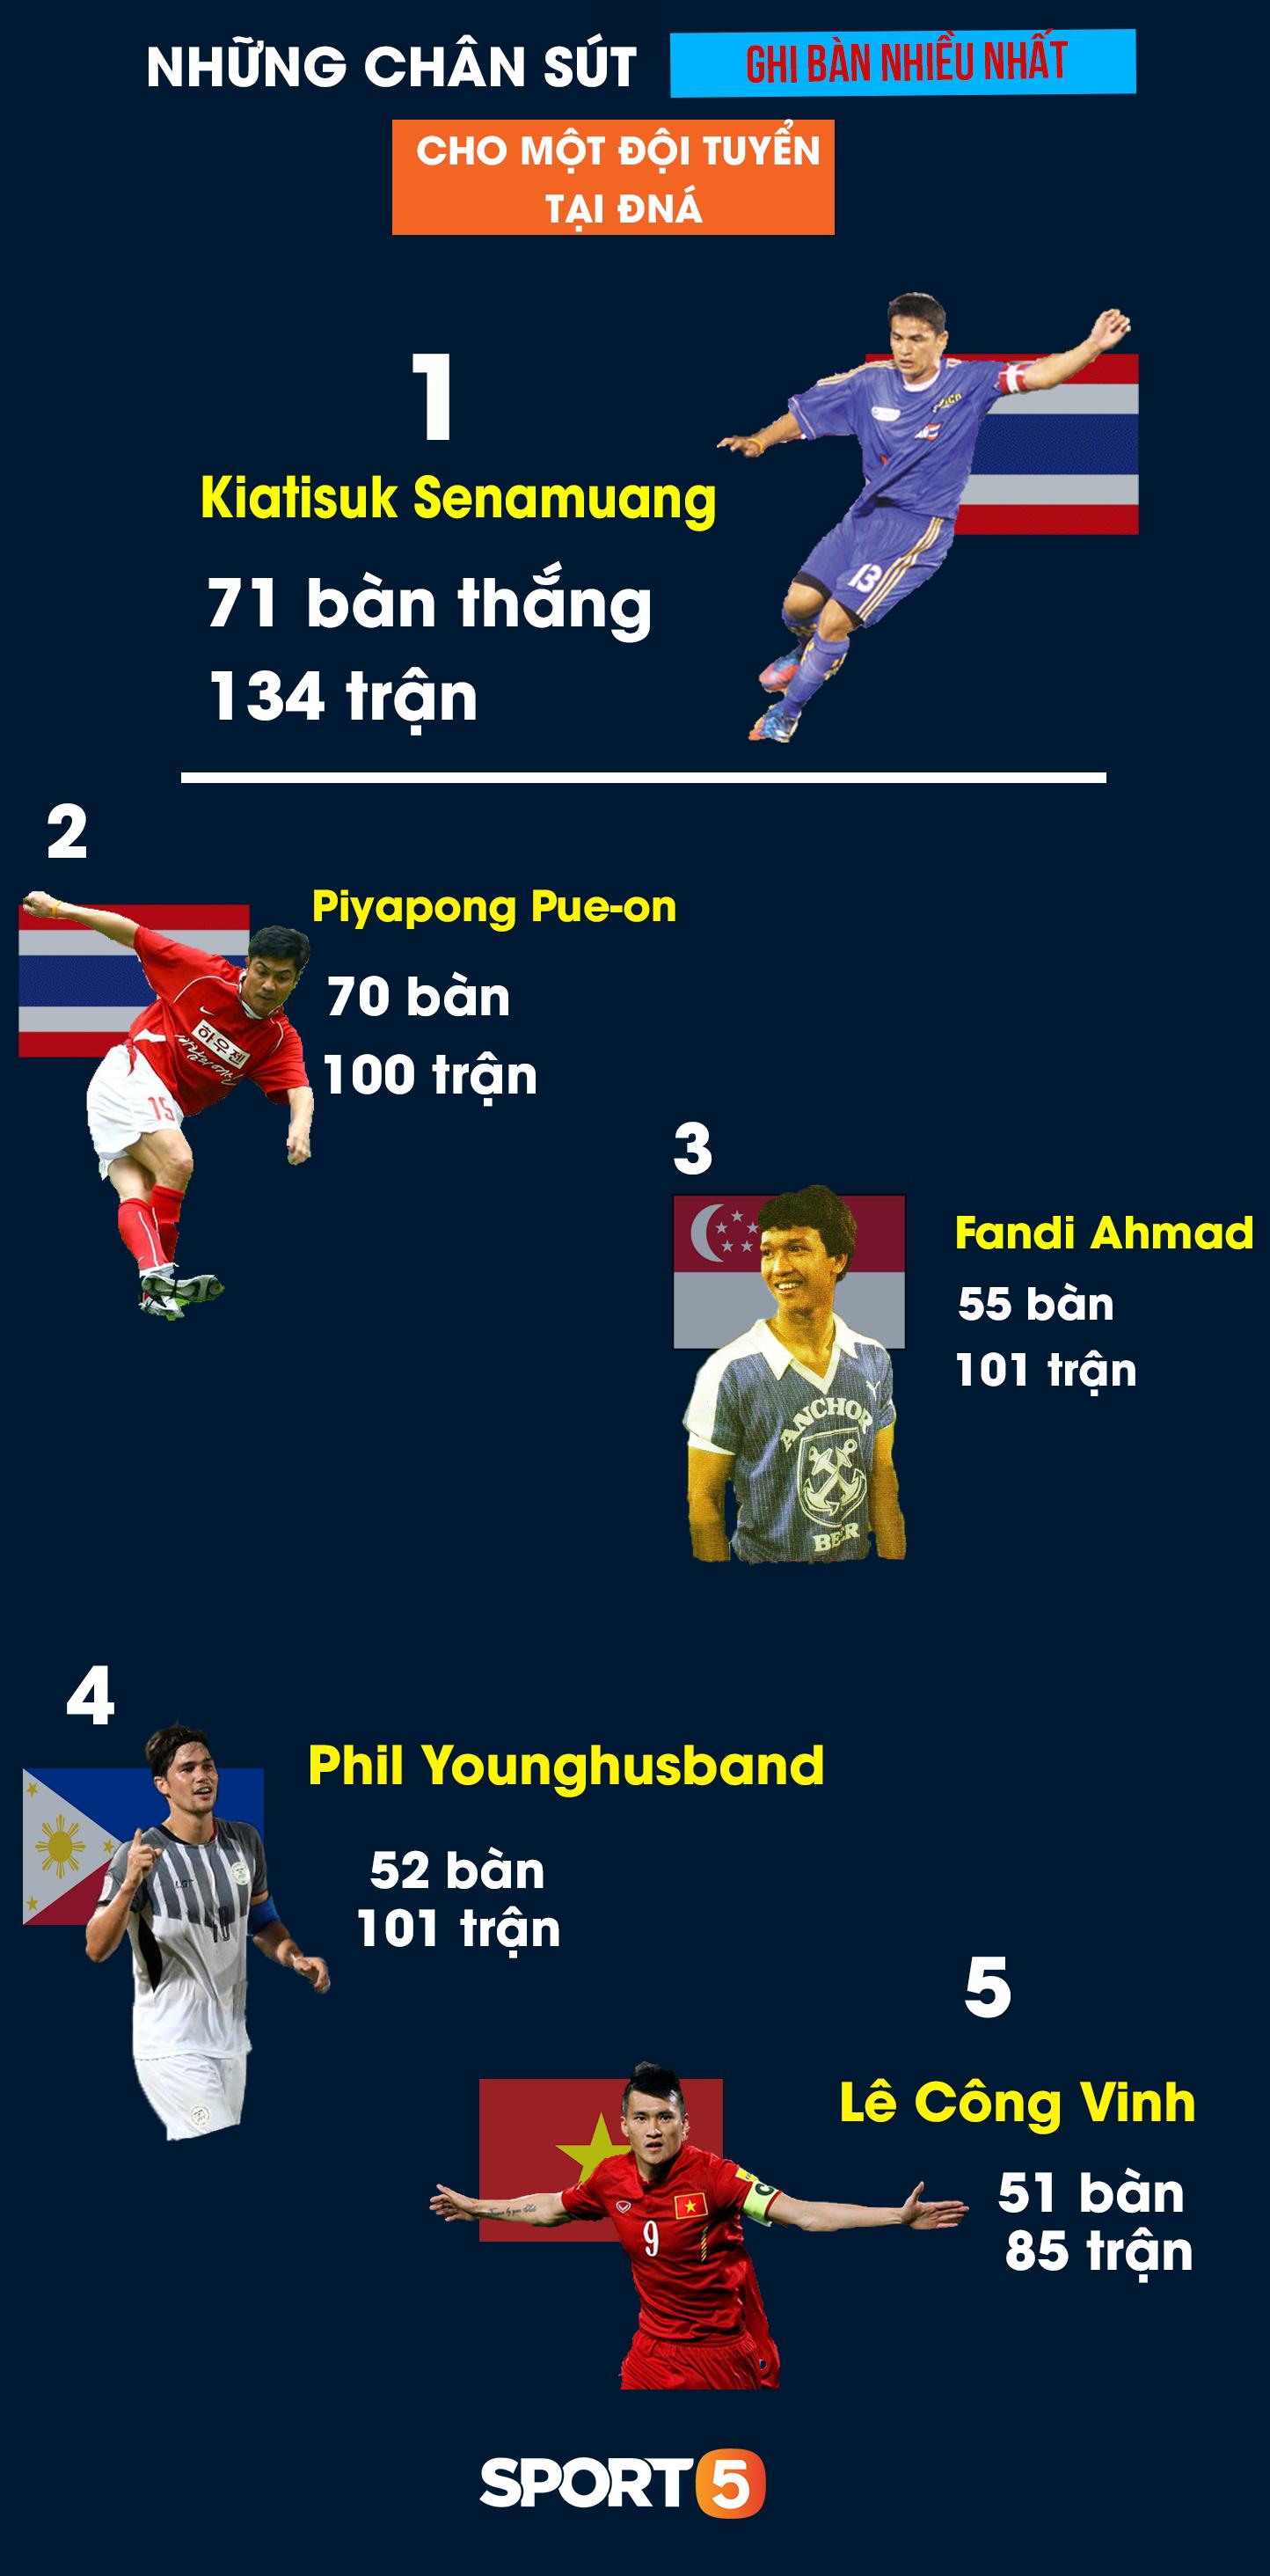 Top chân sút vĩ đại nhất Đông Nam Á: Trai đẹp 6 múi tuyển Philippines vượt mặt huyền thoại Công Vinh của Việt Nam-1